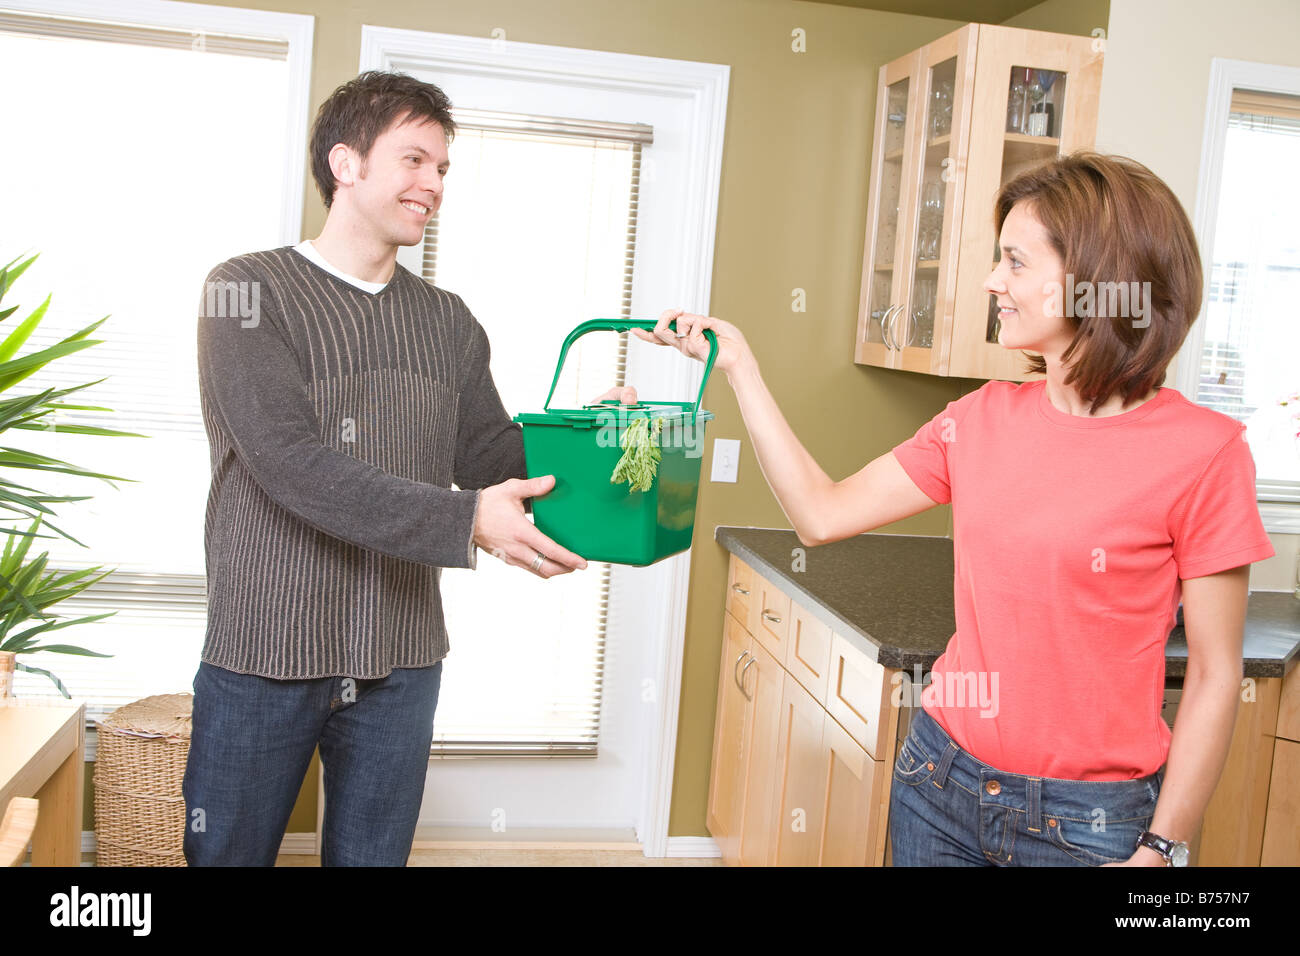 Donna mani cucina compost bin per l'uomo, Winnipeg, Canada Immagini Stock